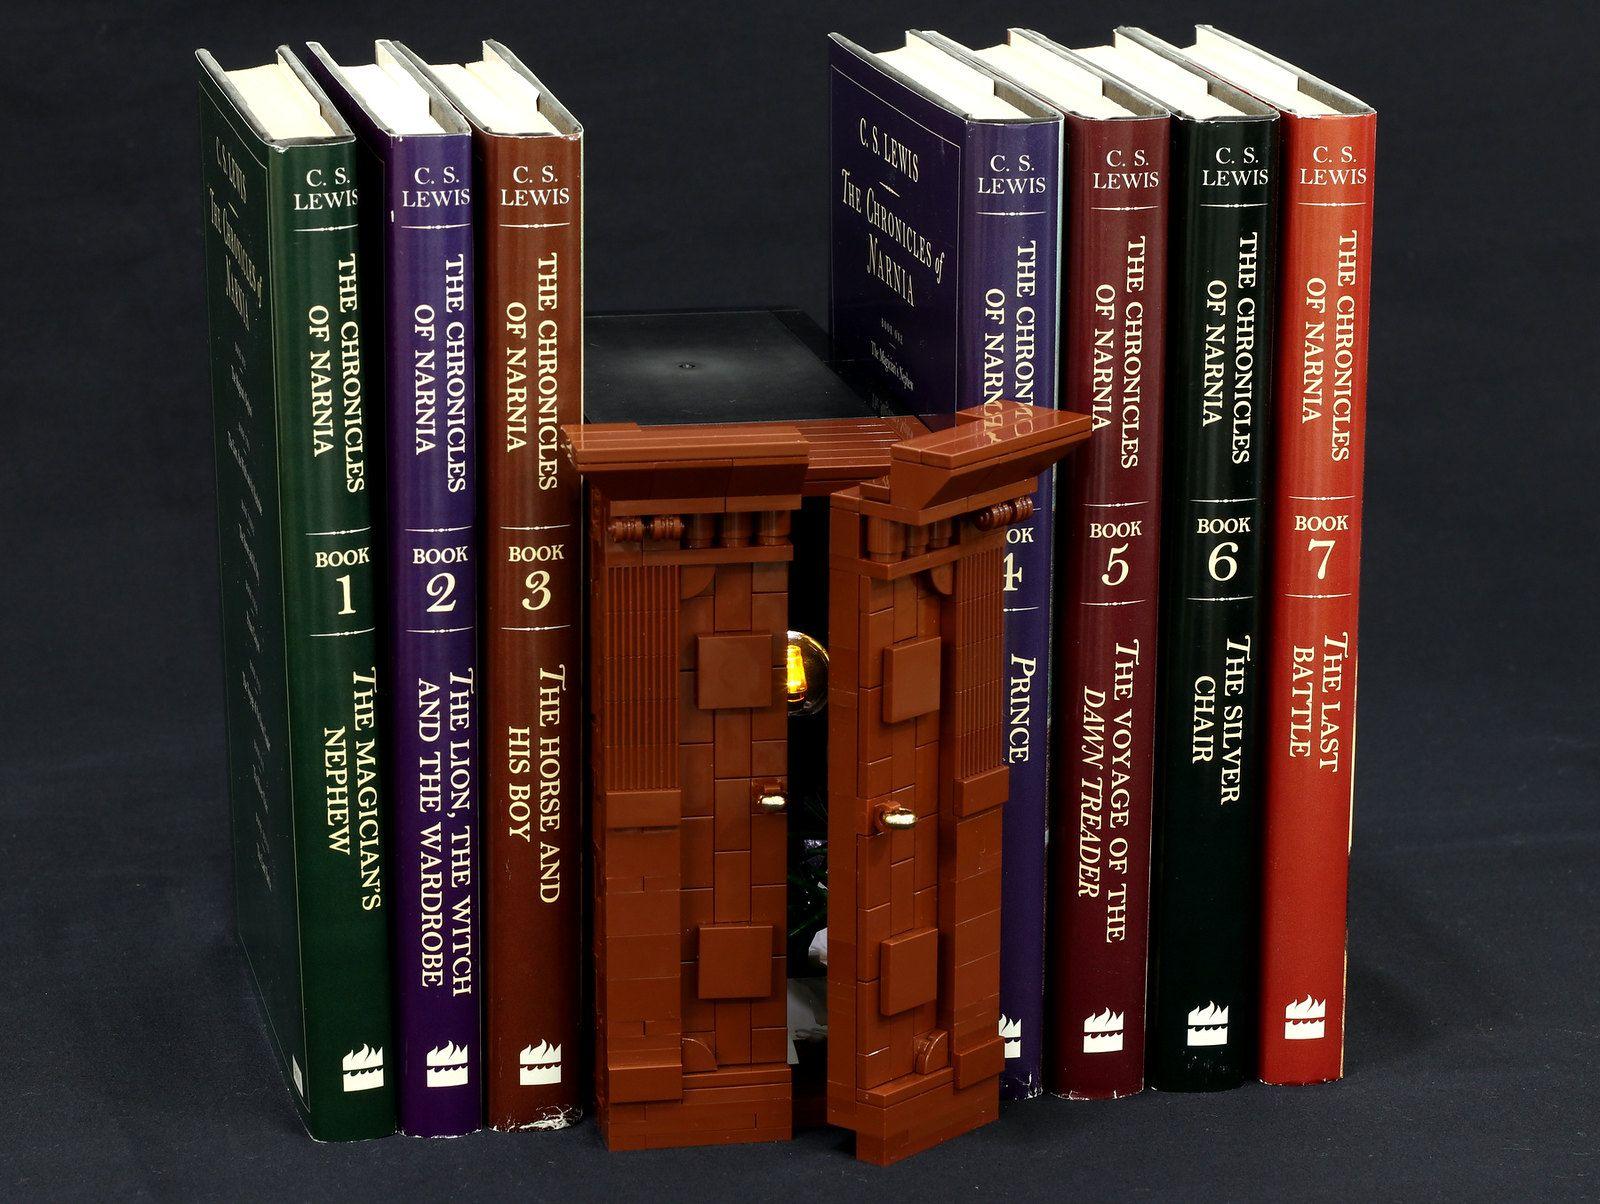 Narnia Wardrobe Book Nook Narnia Wardrobe Book Nooks Narnia